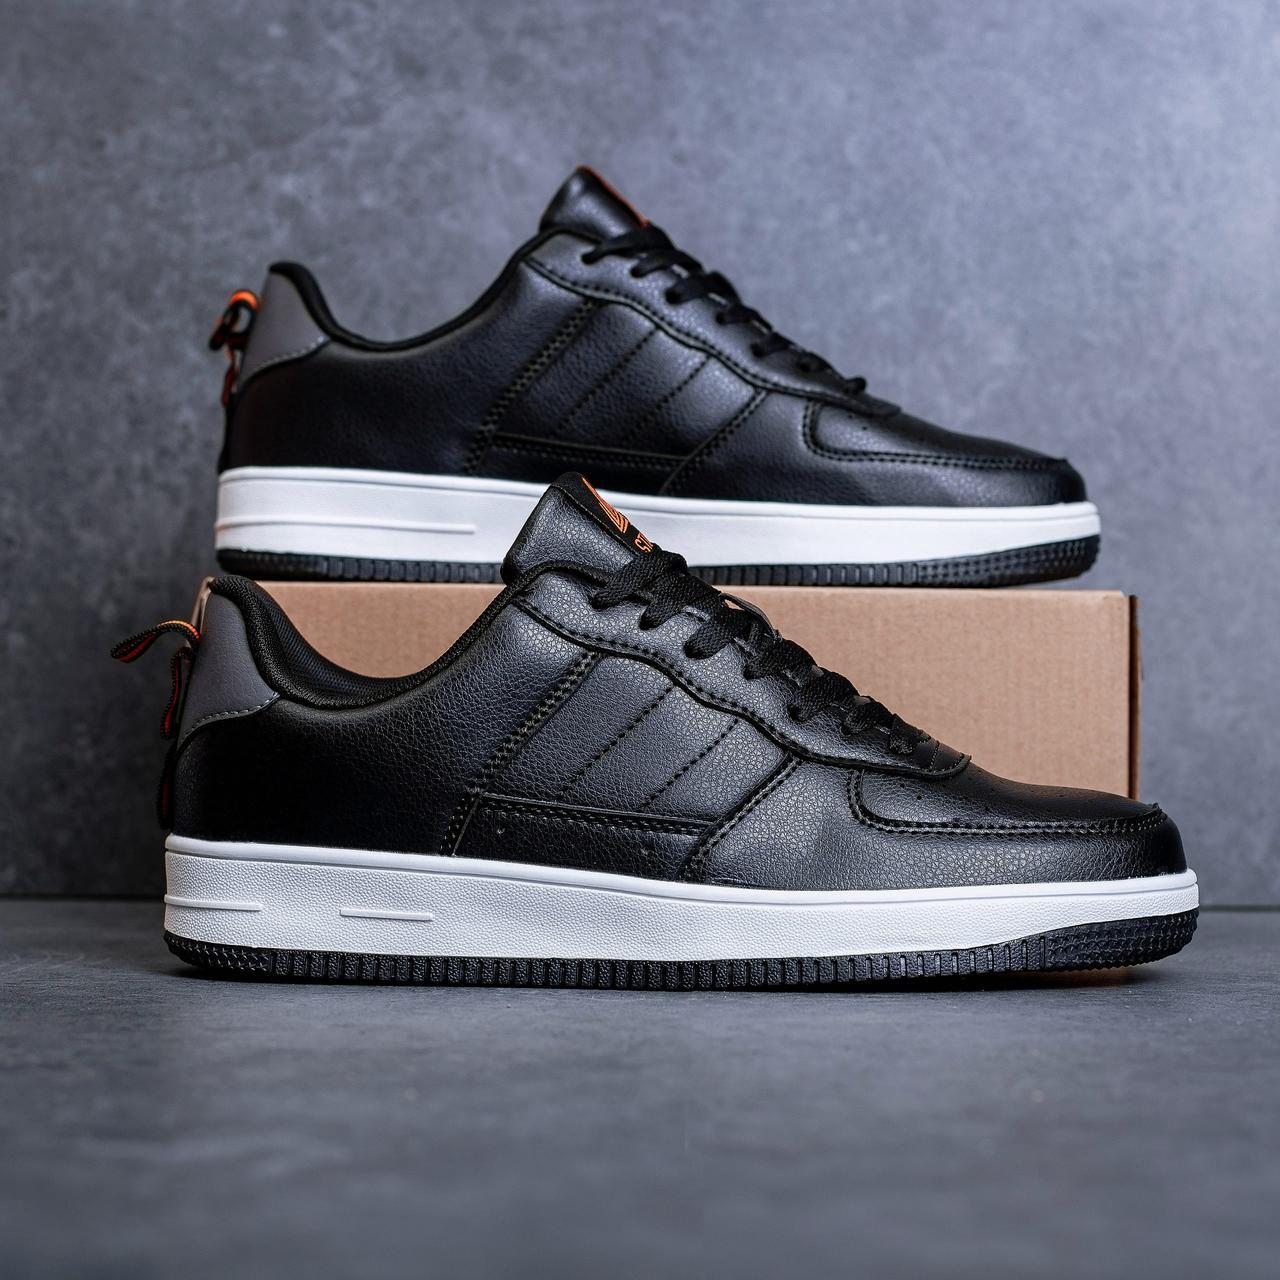 Мужские кроссовки Стилли форс Тресс (черные с белой подошвой) - 43 и 45 рр